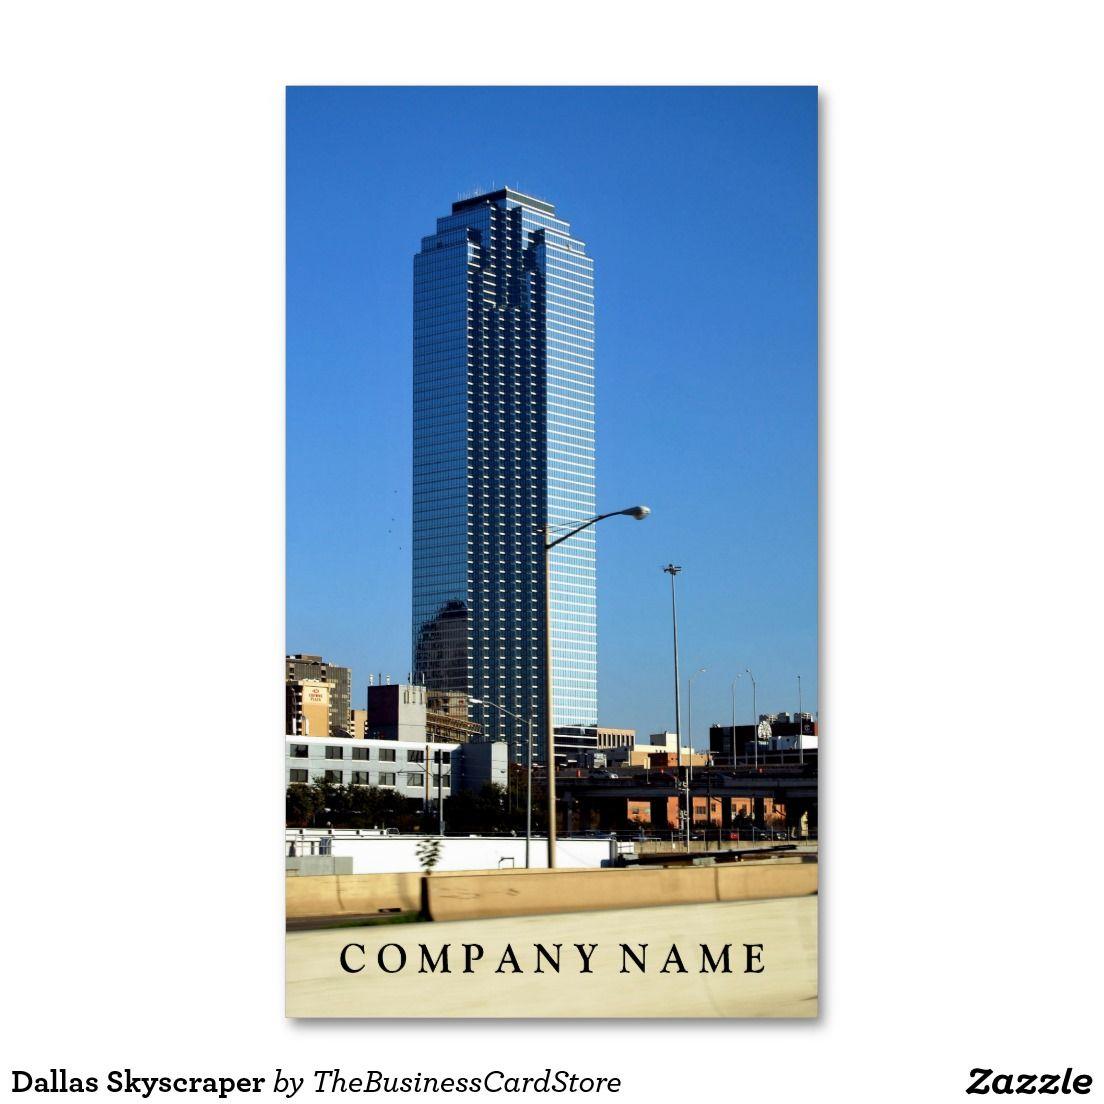 dallas skyscraper standard business card - Business Cards Dallas